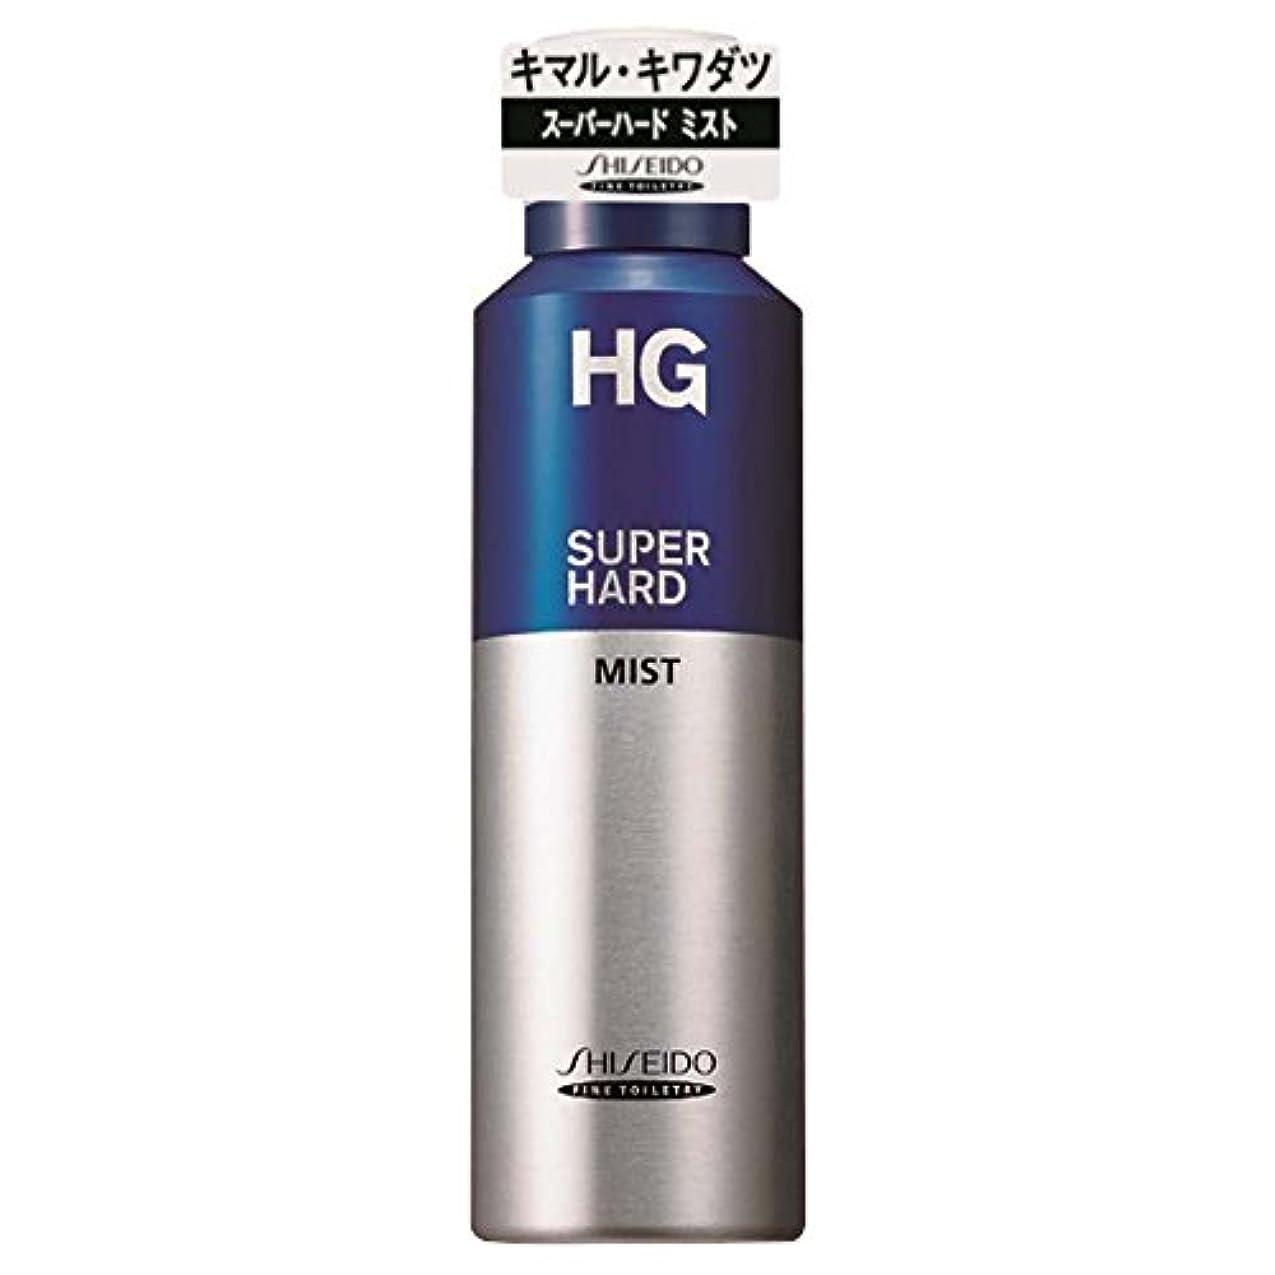 シャーロットブロンテキリン安定HG スーパーハードミストa 150g